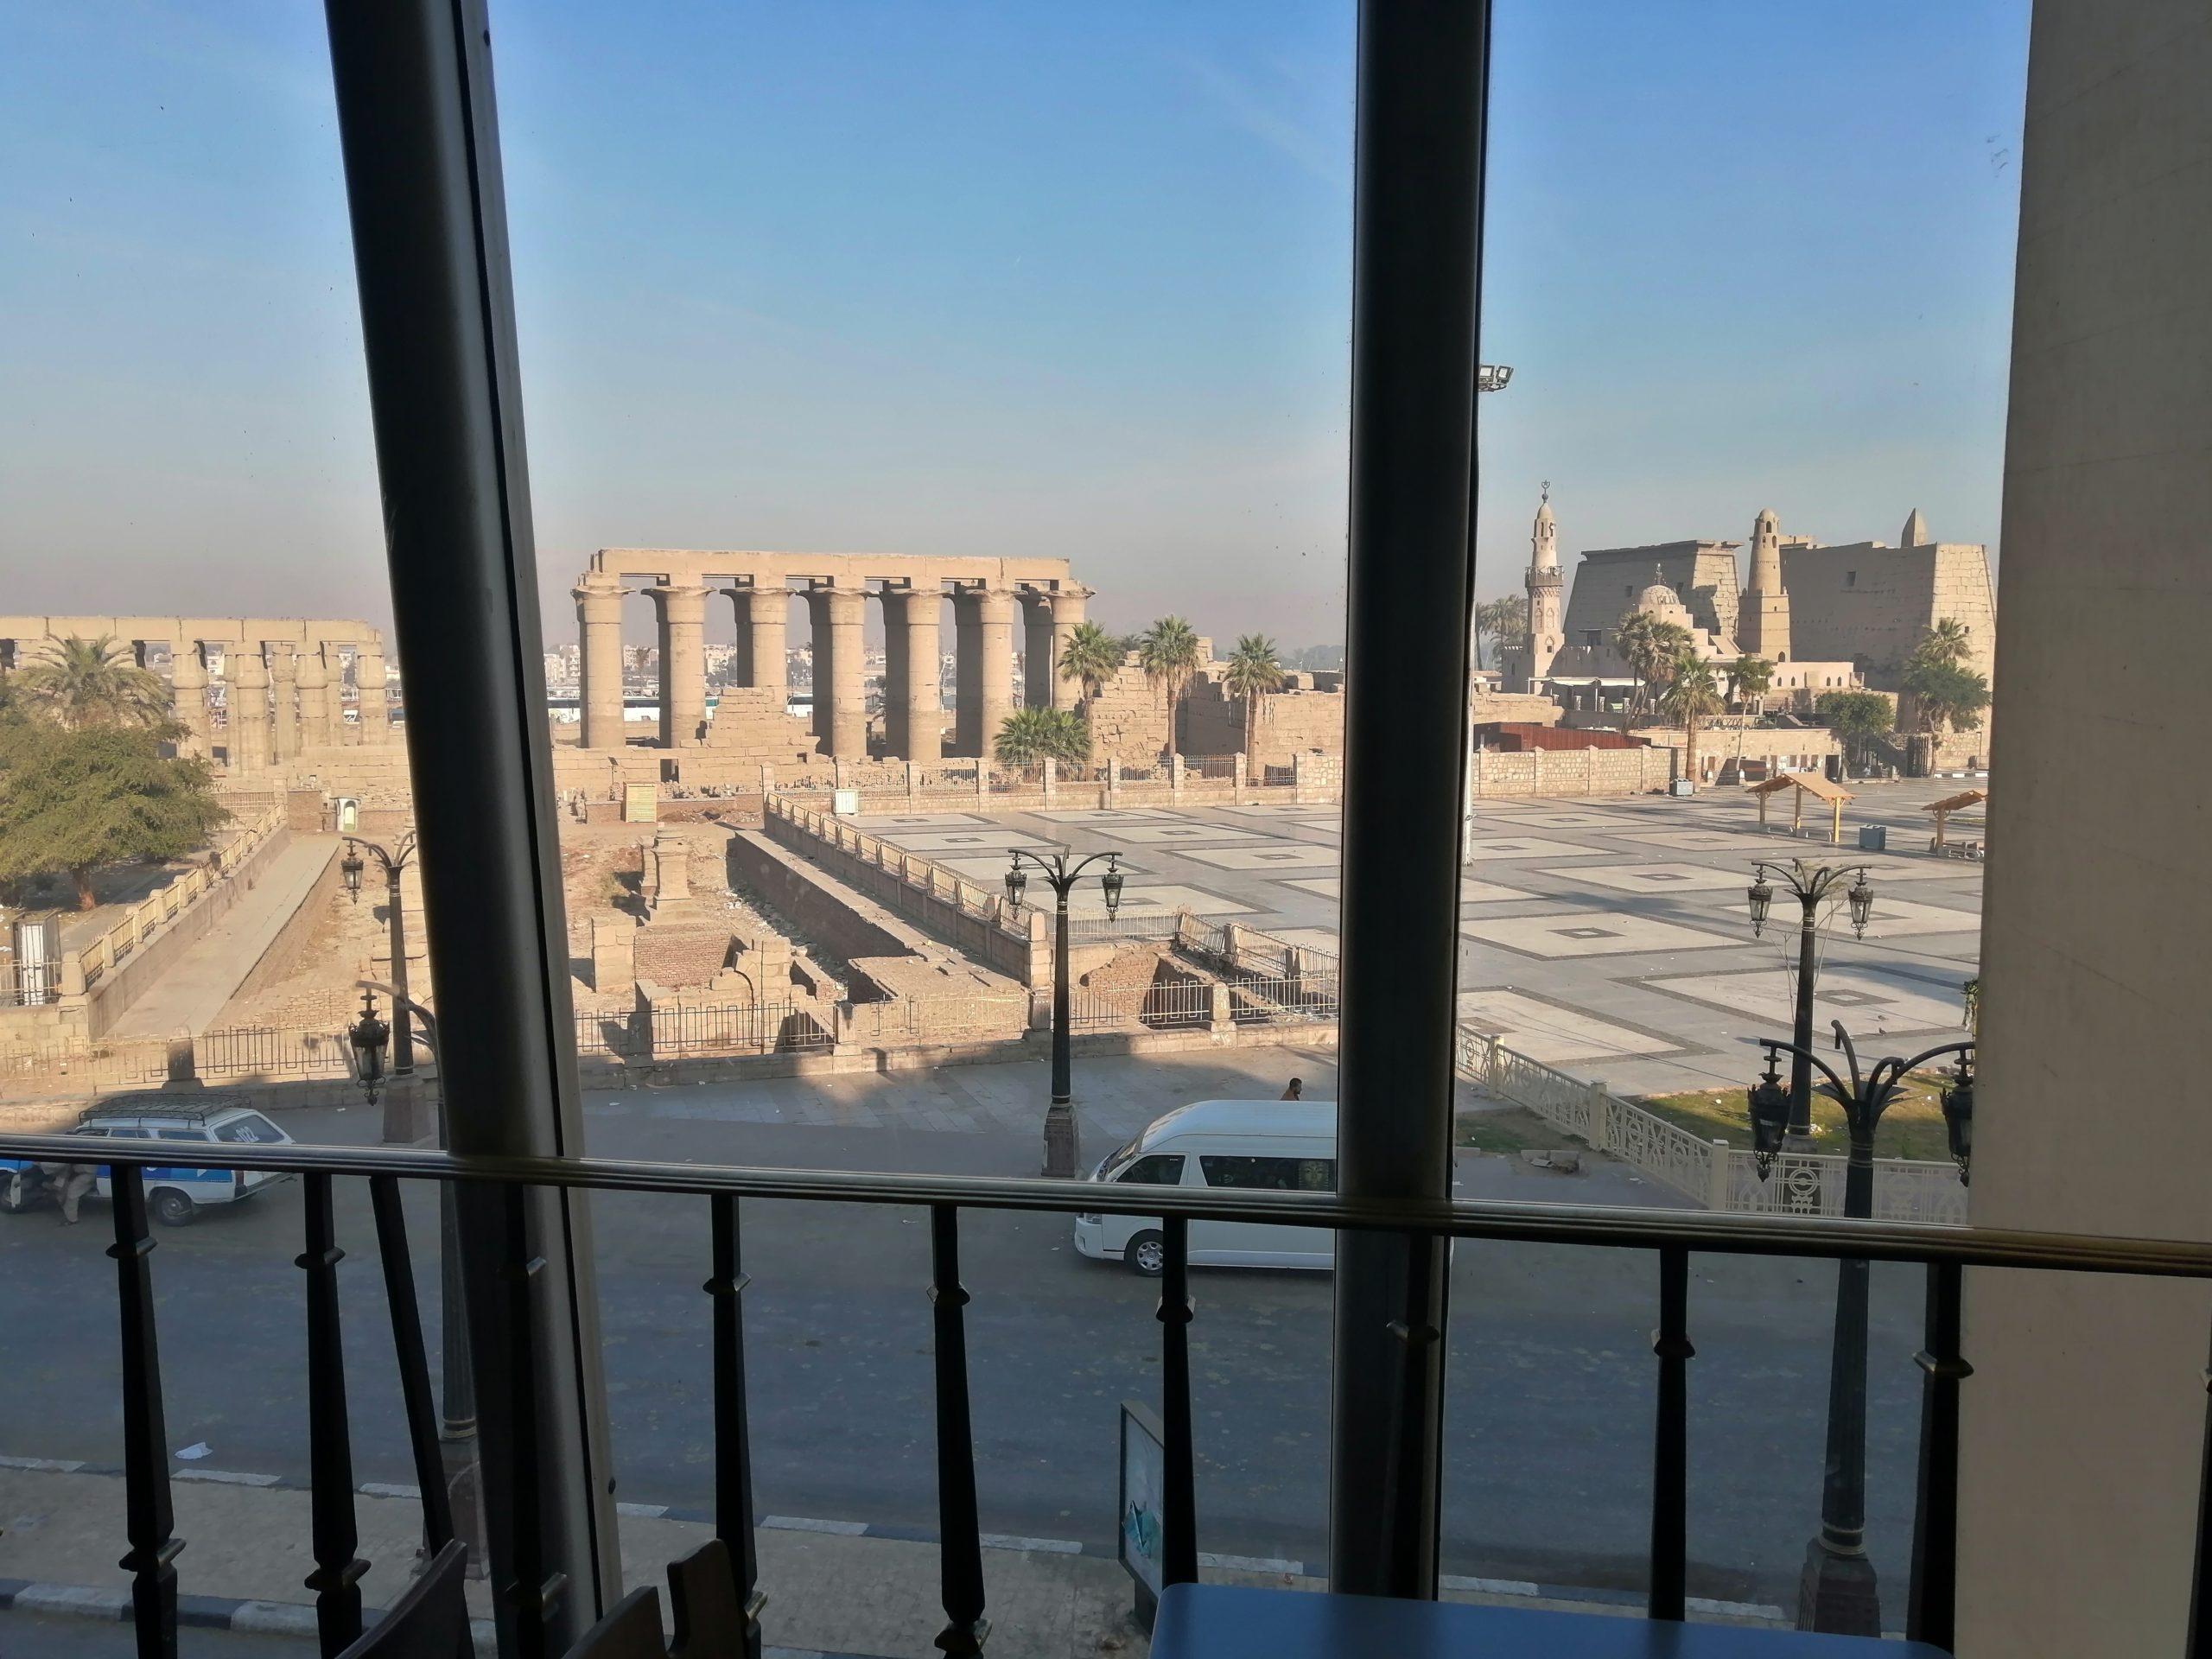 ルクソールのマクドナルドから見るルクソール神殿